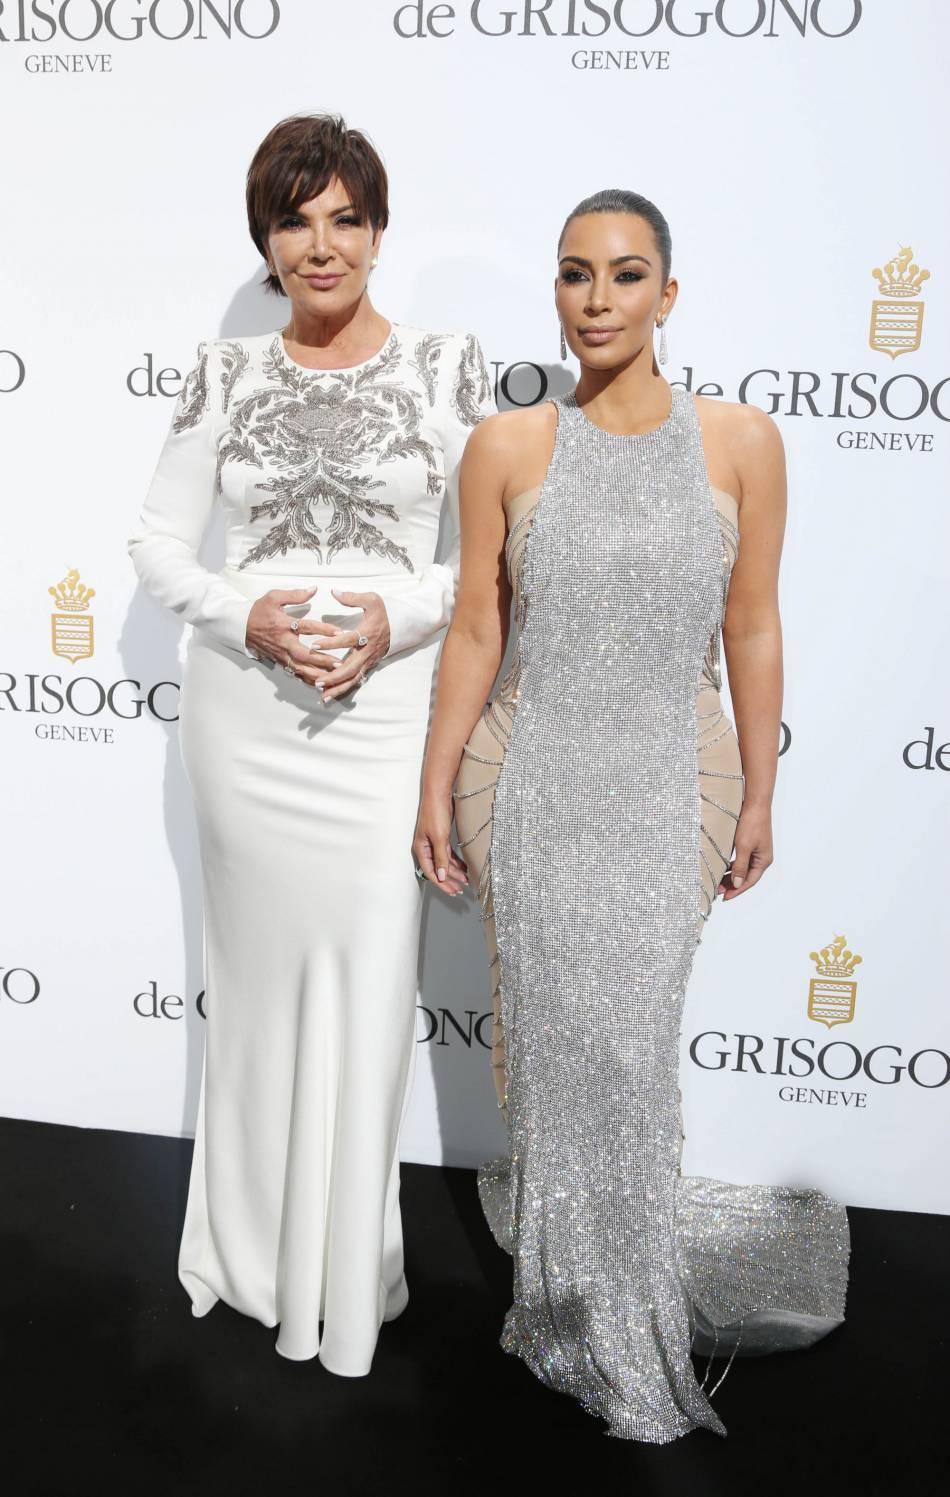 Quant à Kris Jenner et Kim Kardashian, elles ont été invitées à la soirée De Grisogono.